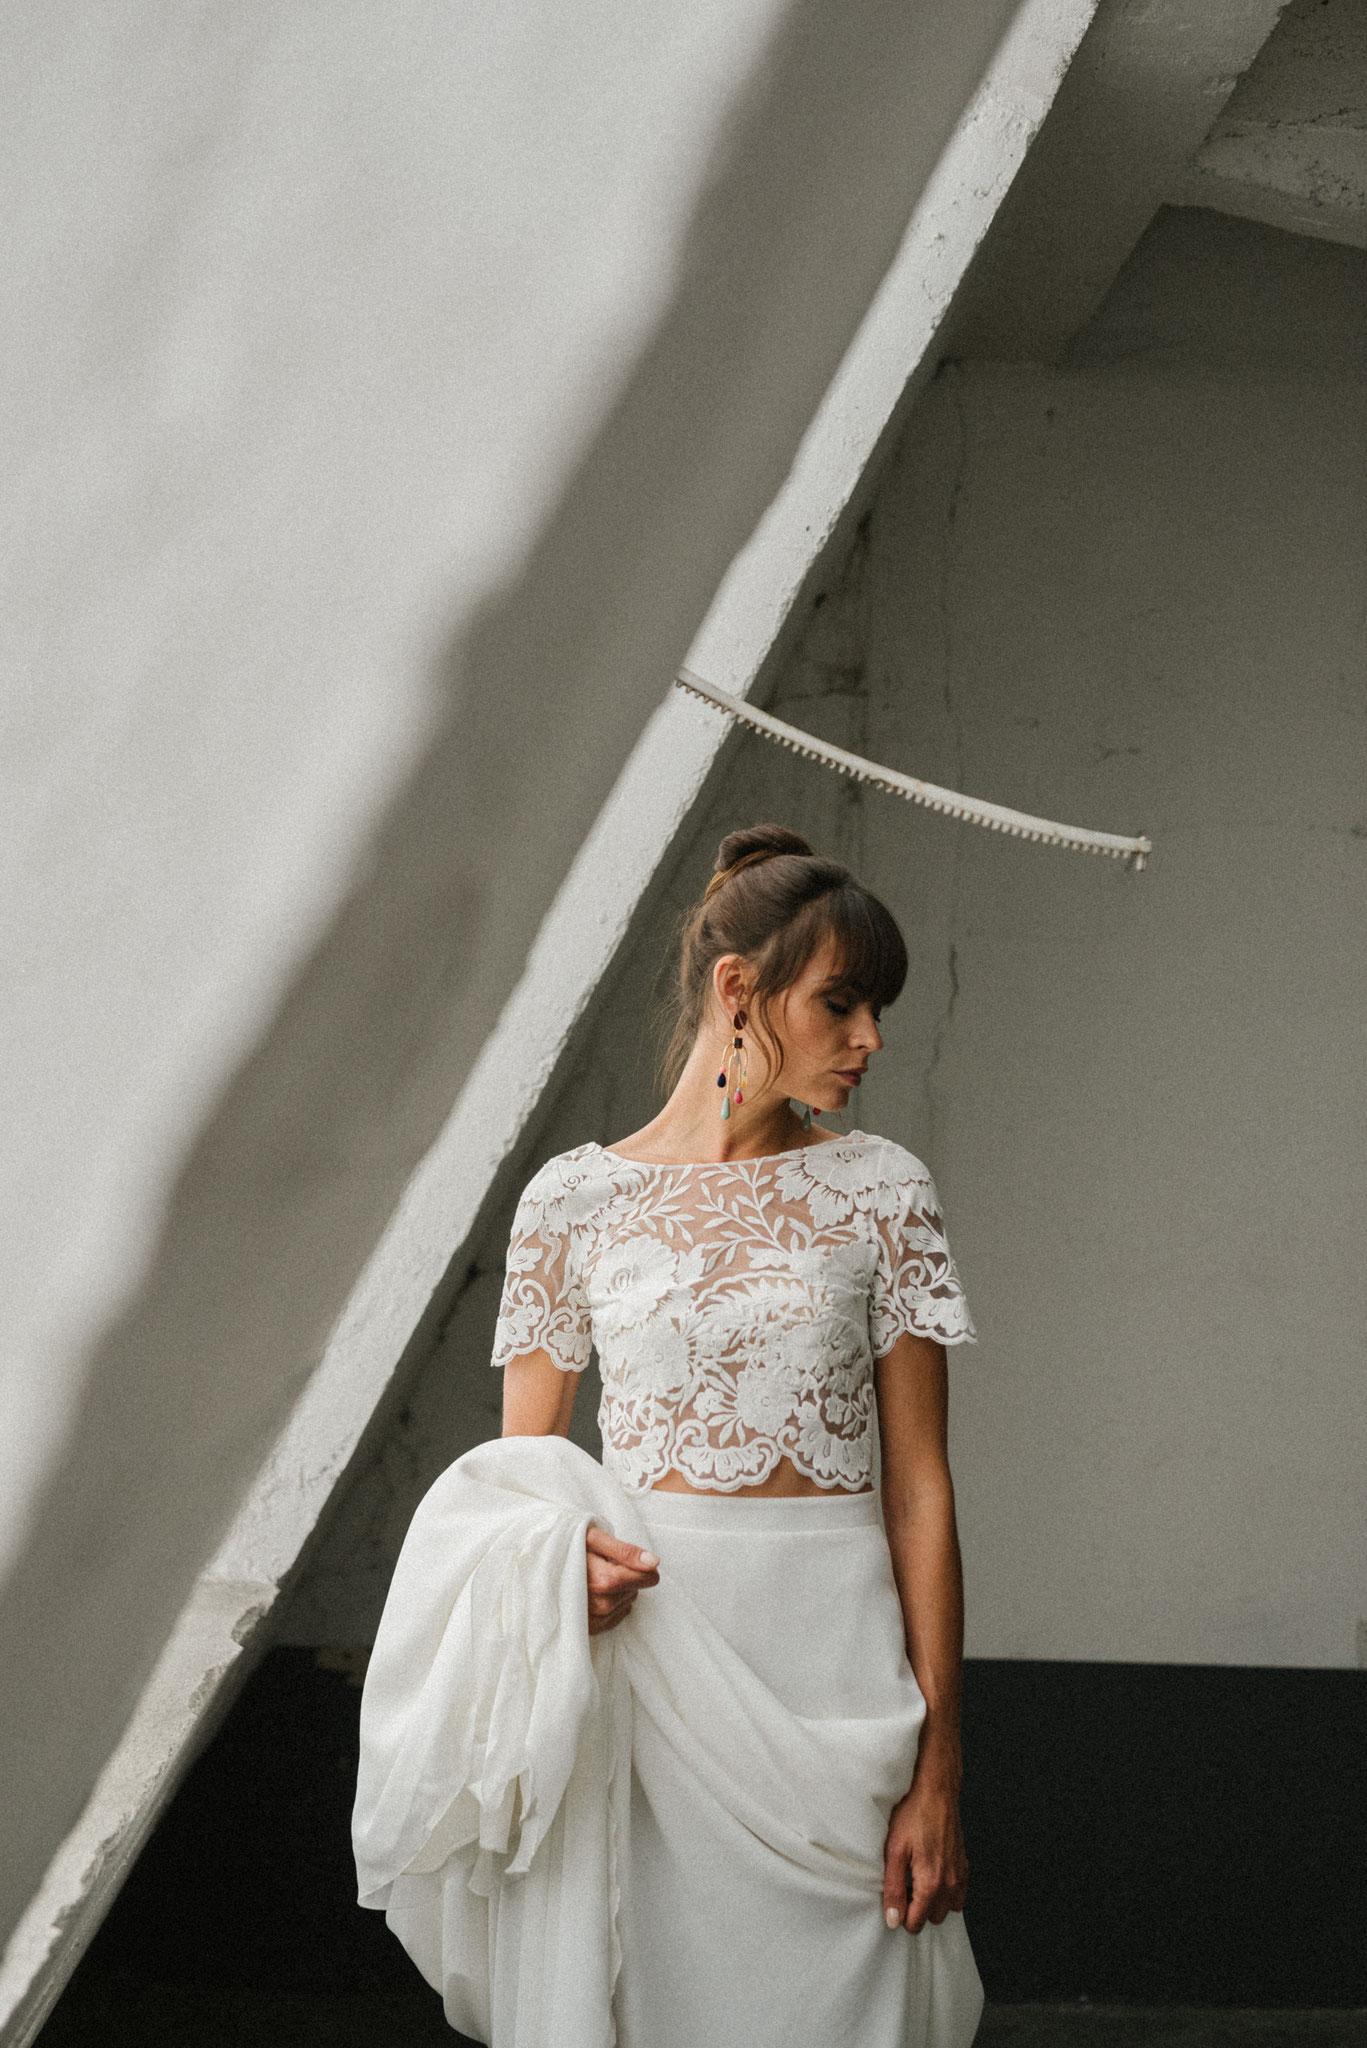 Mademoiselle De Guise - Modèle : Pablo & Yvonne - Crédit : @chloelapeyssonnie